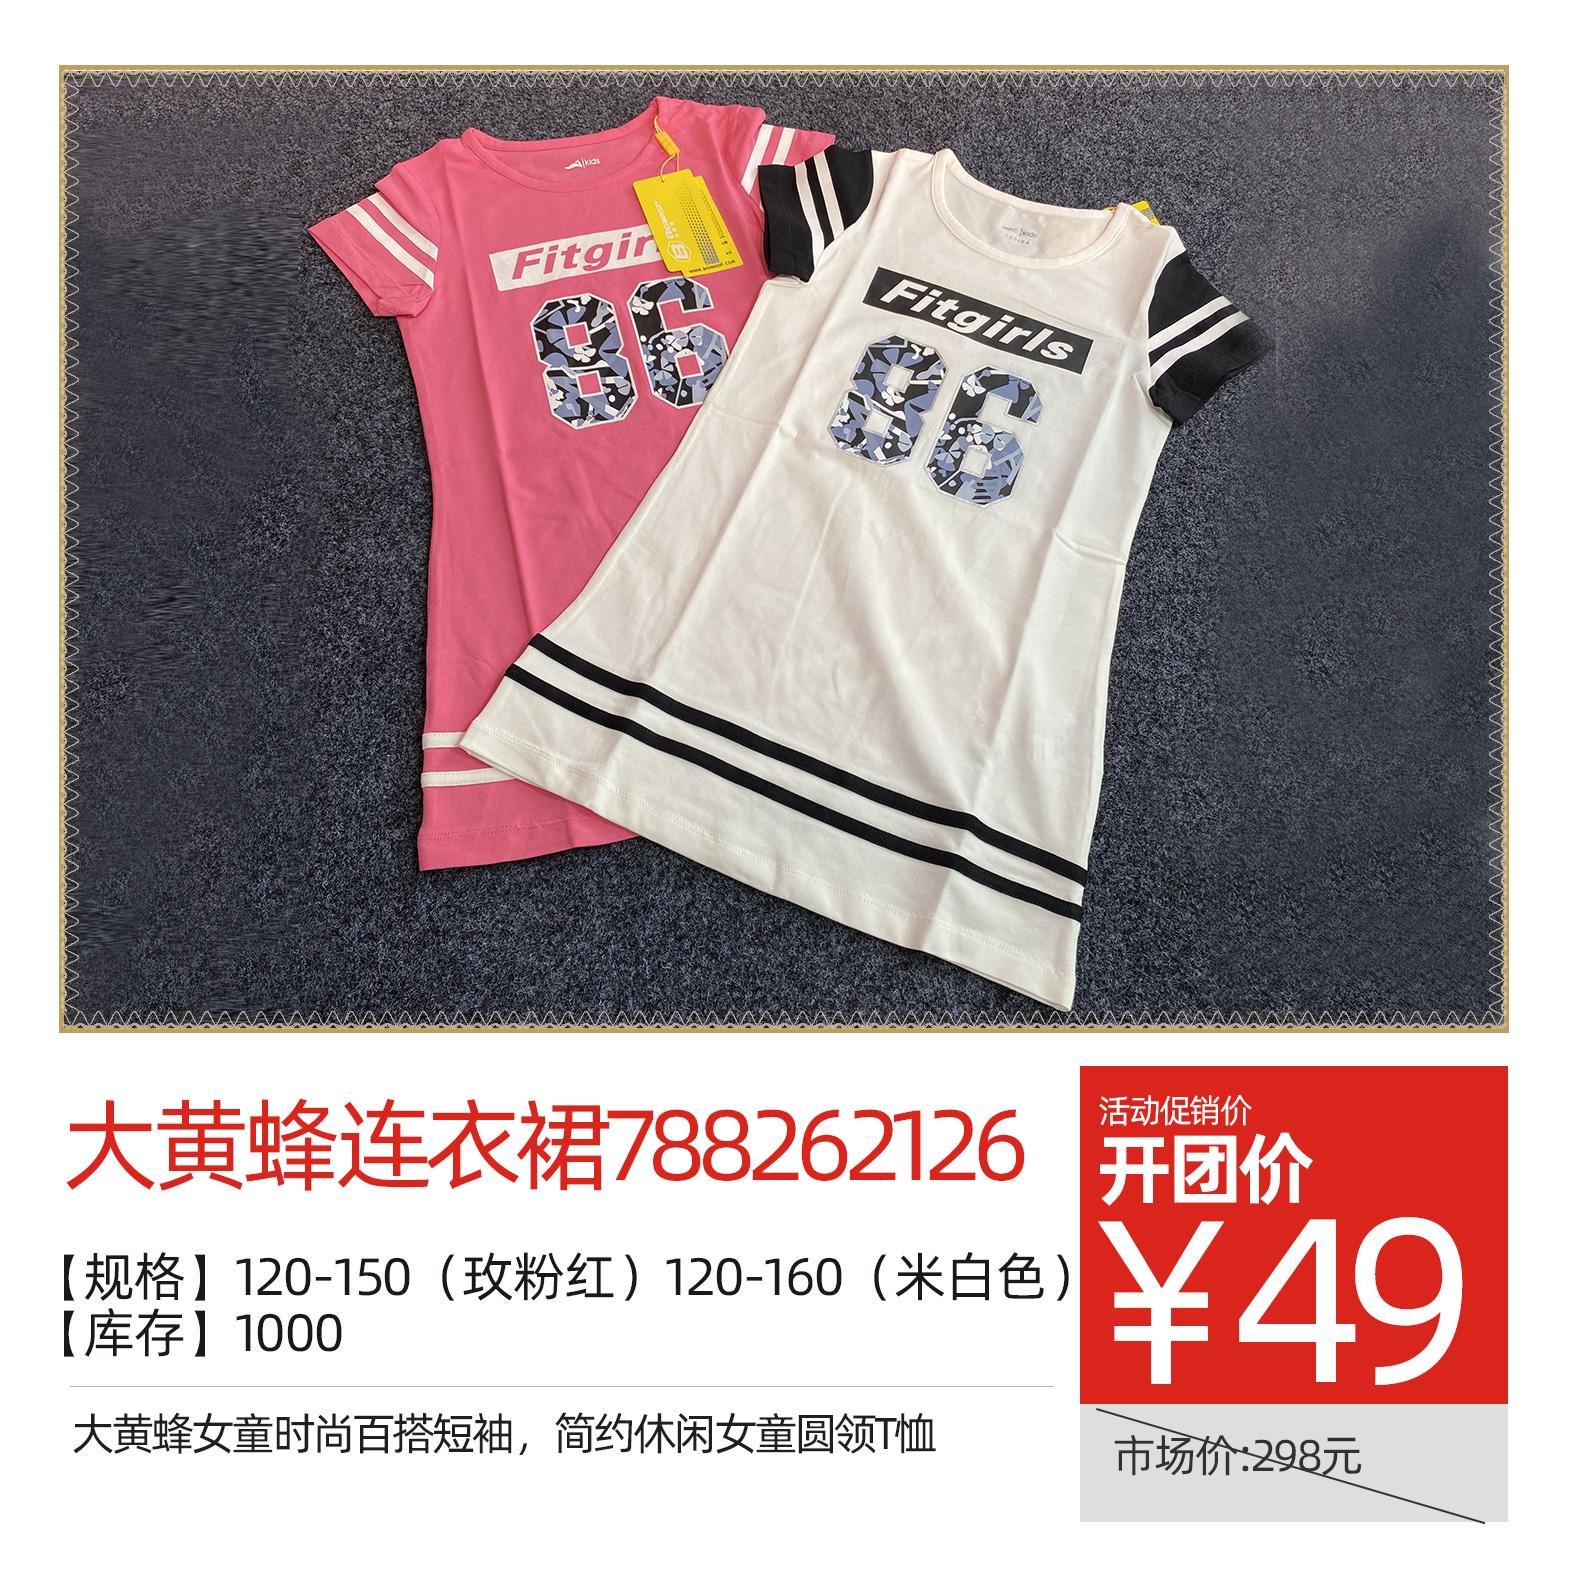 【大黄蜂】连衣裙788262126